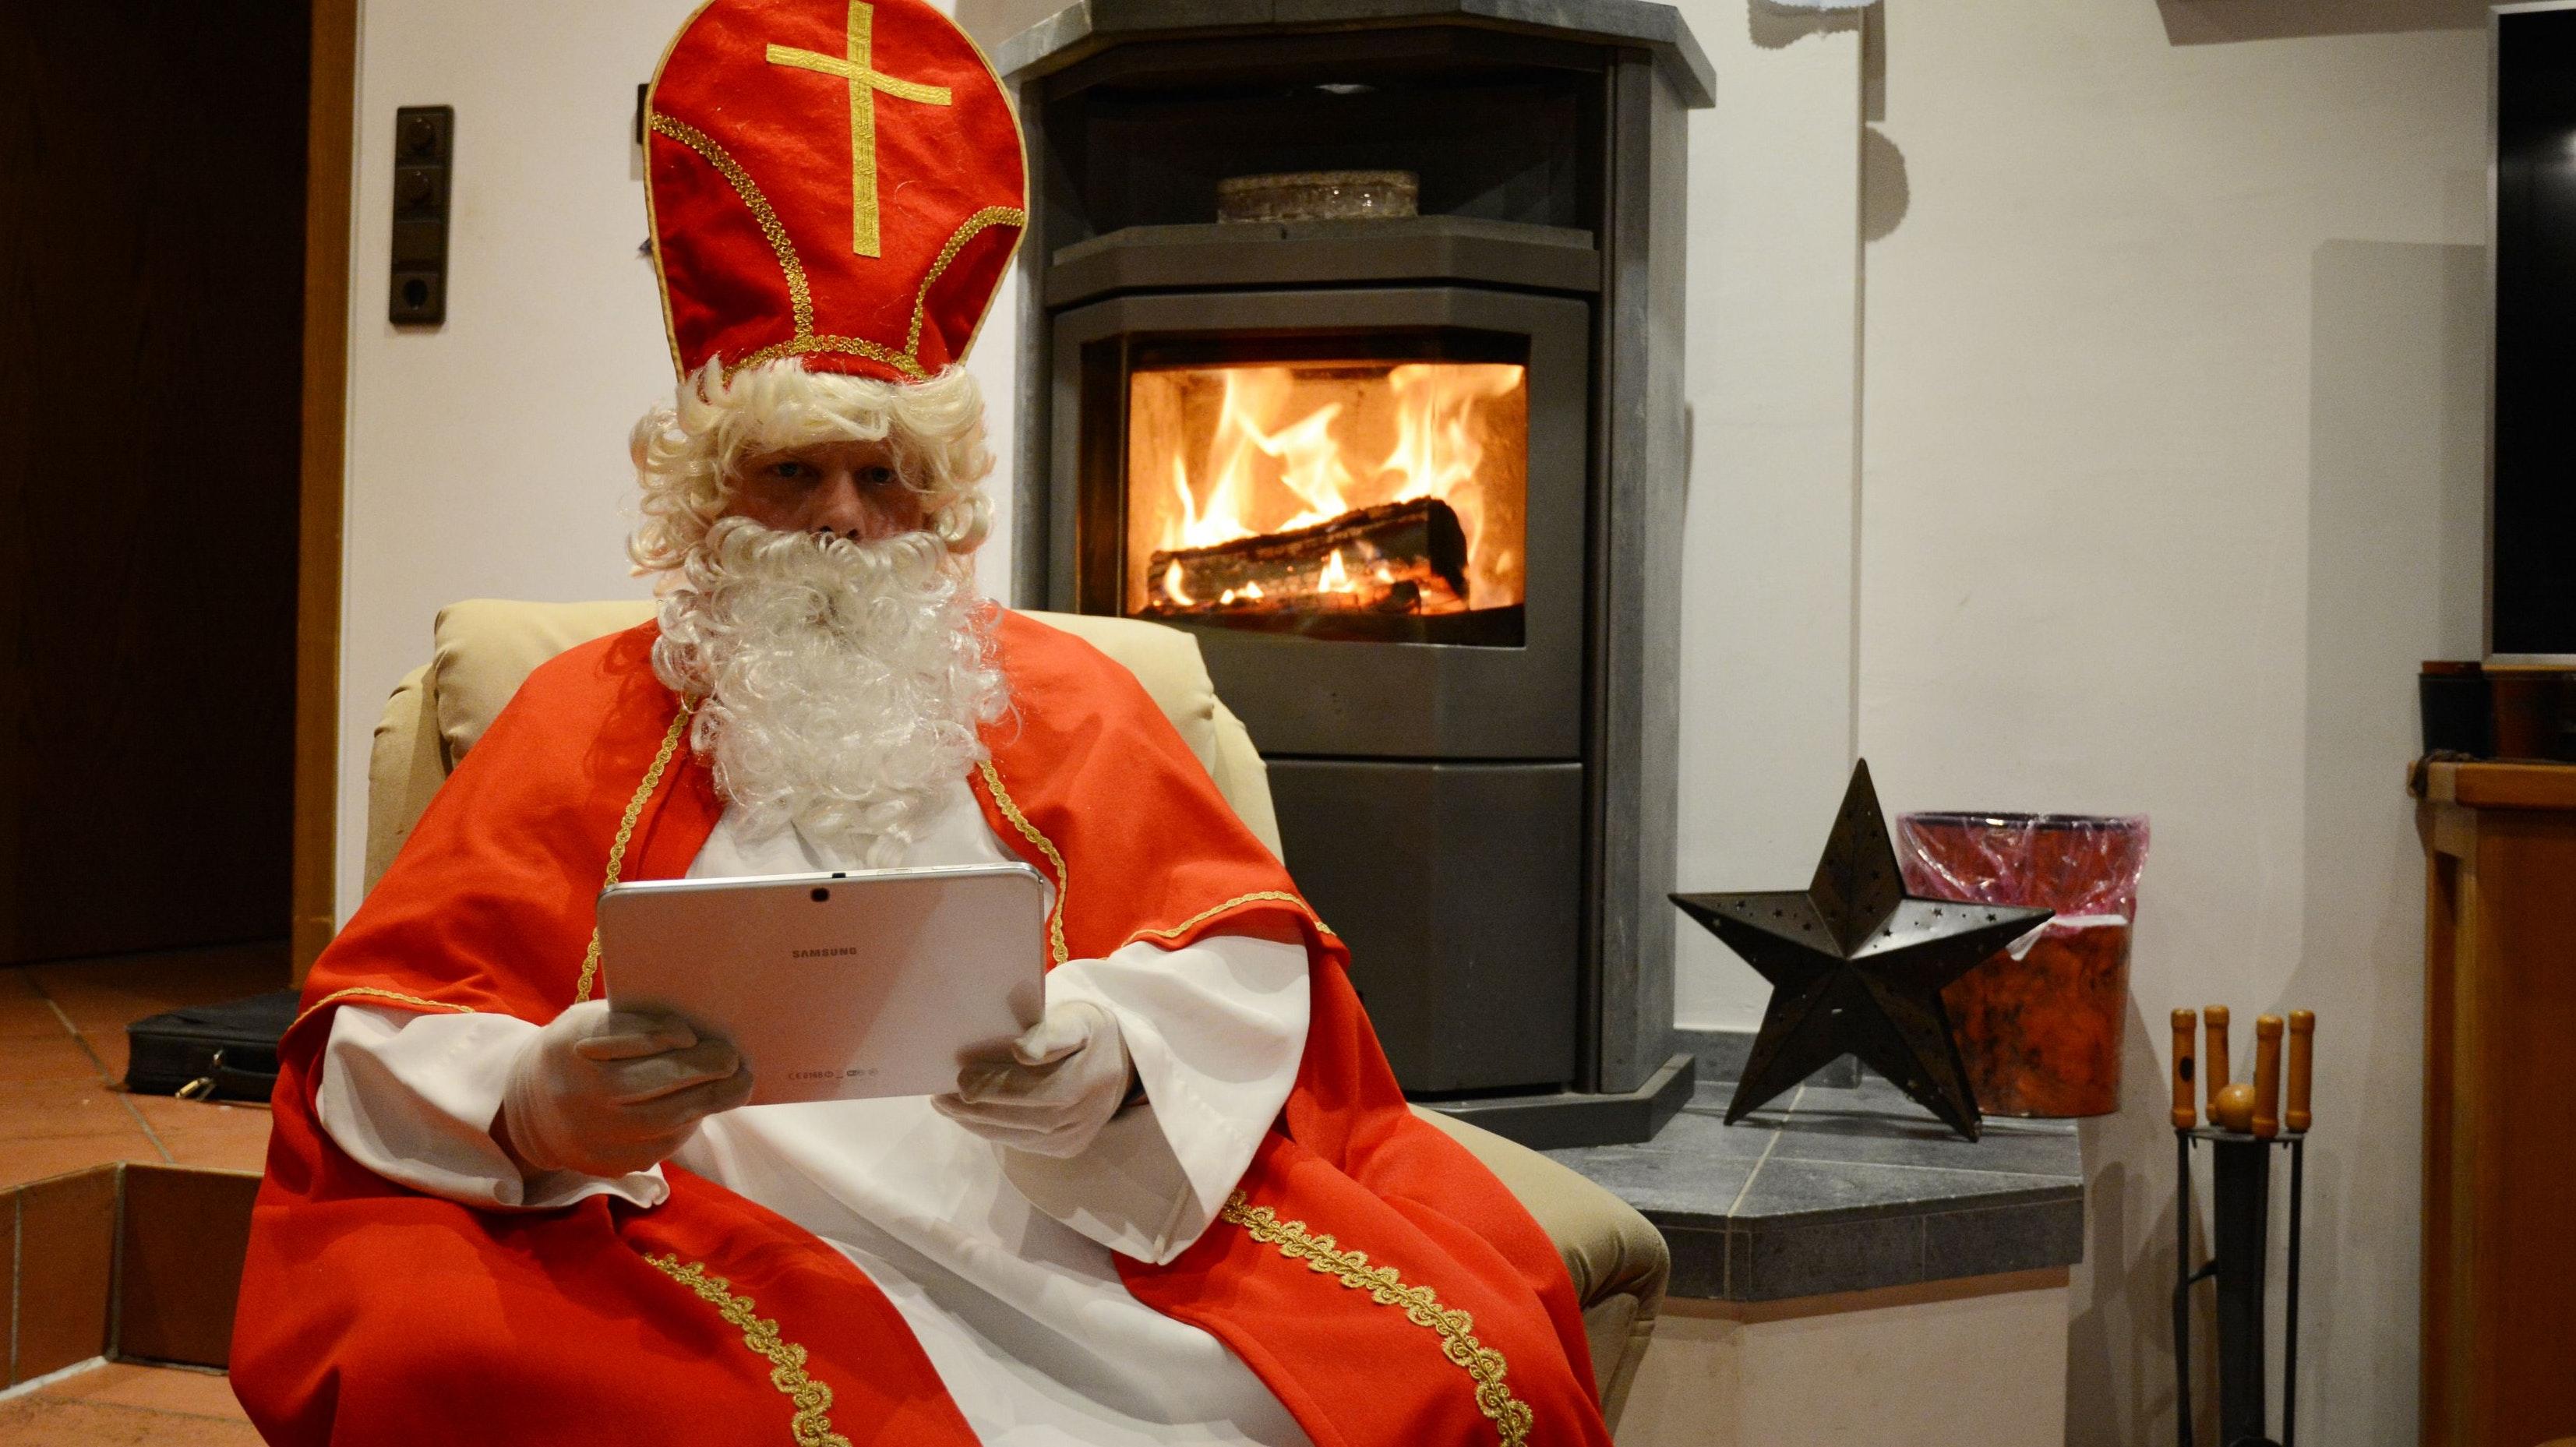 Am Kamin: Der Nikolaus spricht virtuell mit den Kindern. Foto: Hermes